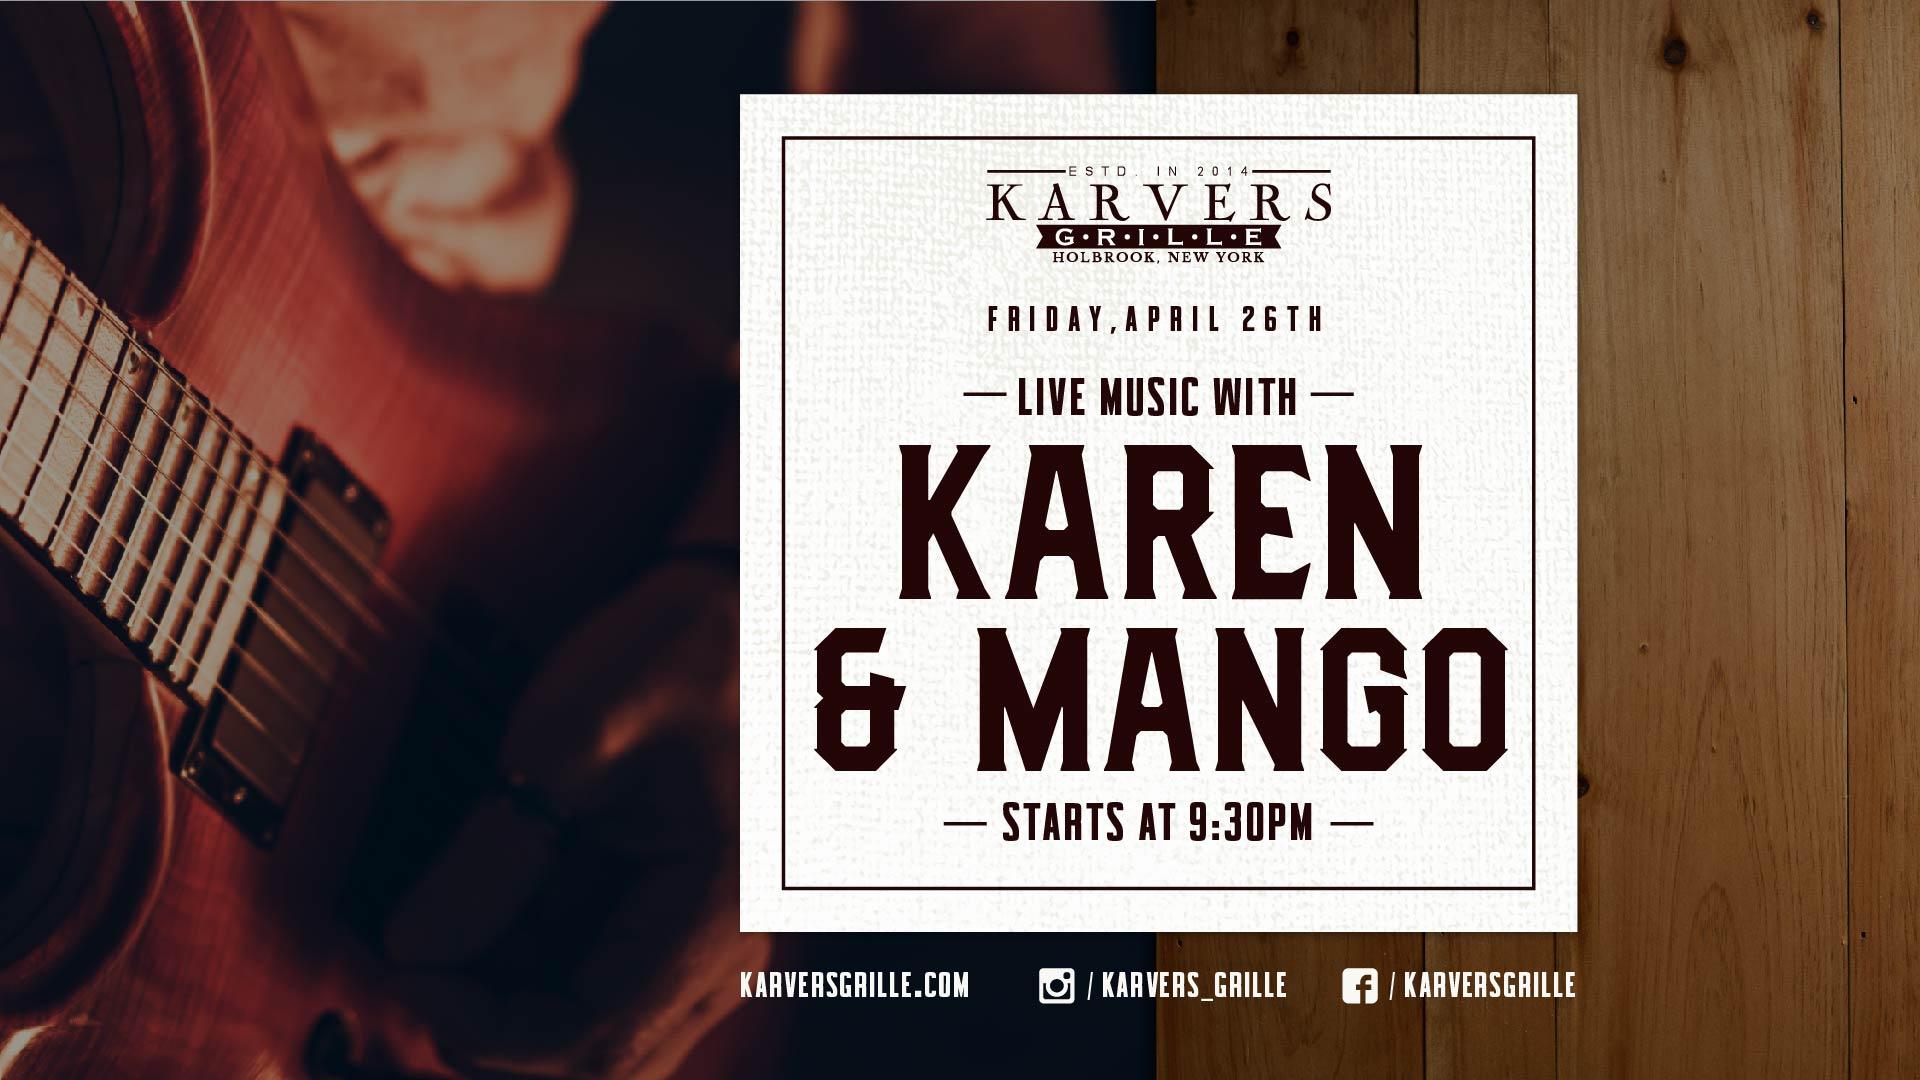 Karen & Mango